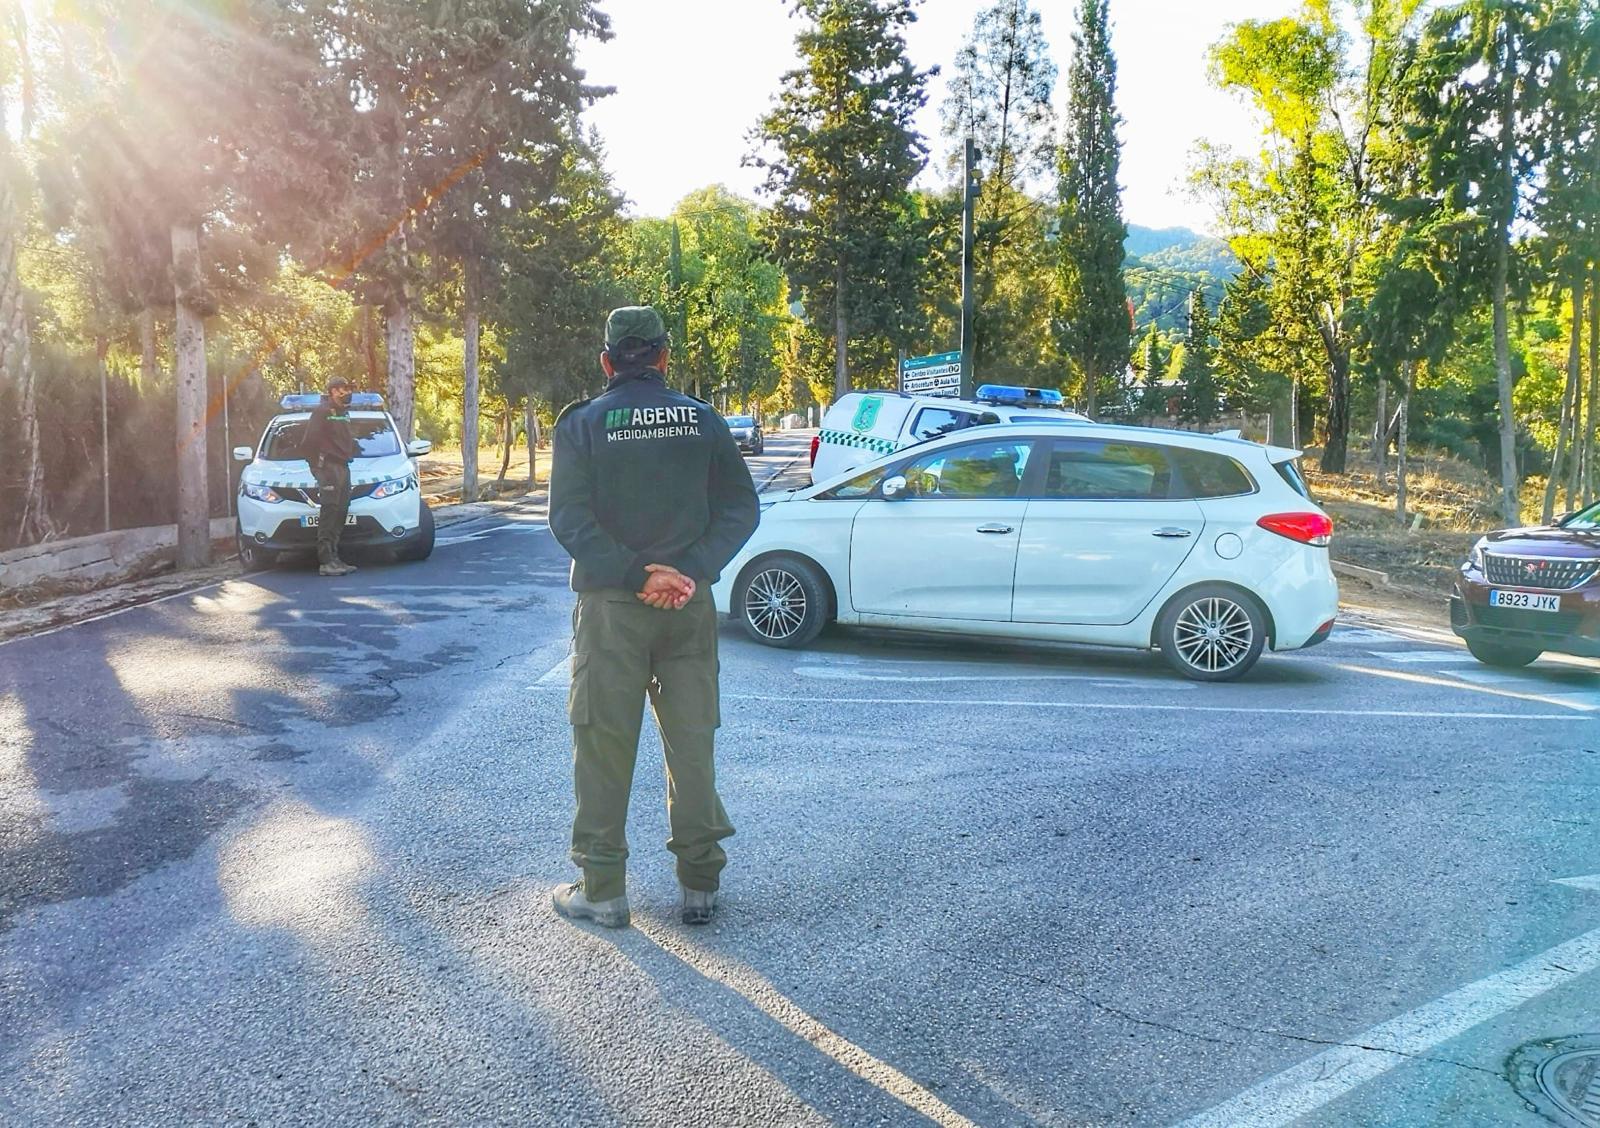 Agentes Medioambientales de la Comunidad realizan tareas de control de accesos al Parque Regional de El Valle y Carrascoy. Imagen: CARM